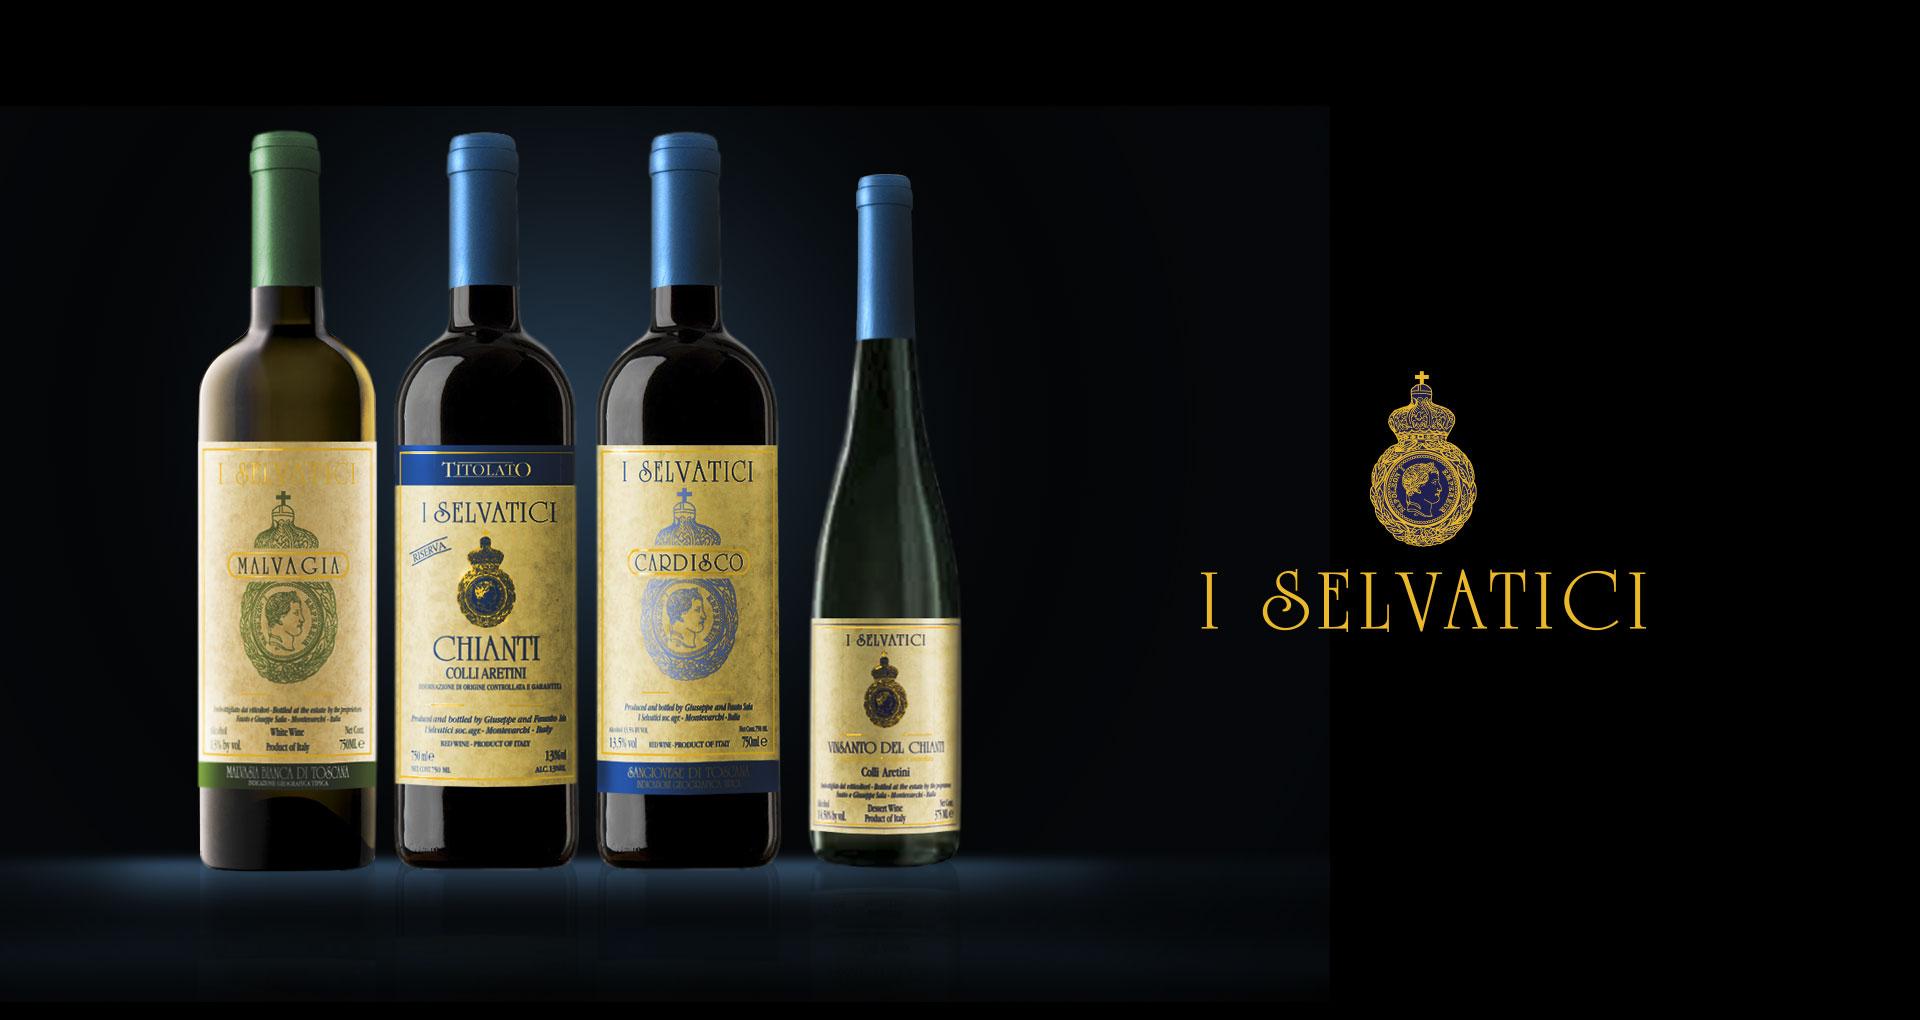 i nostri vini – Home